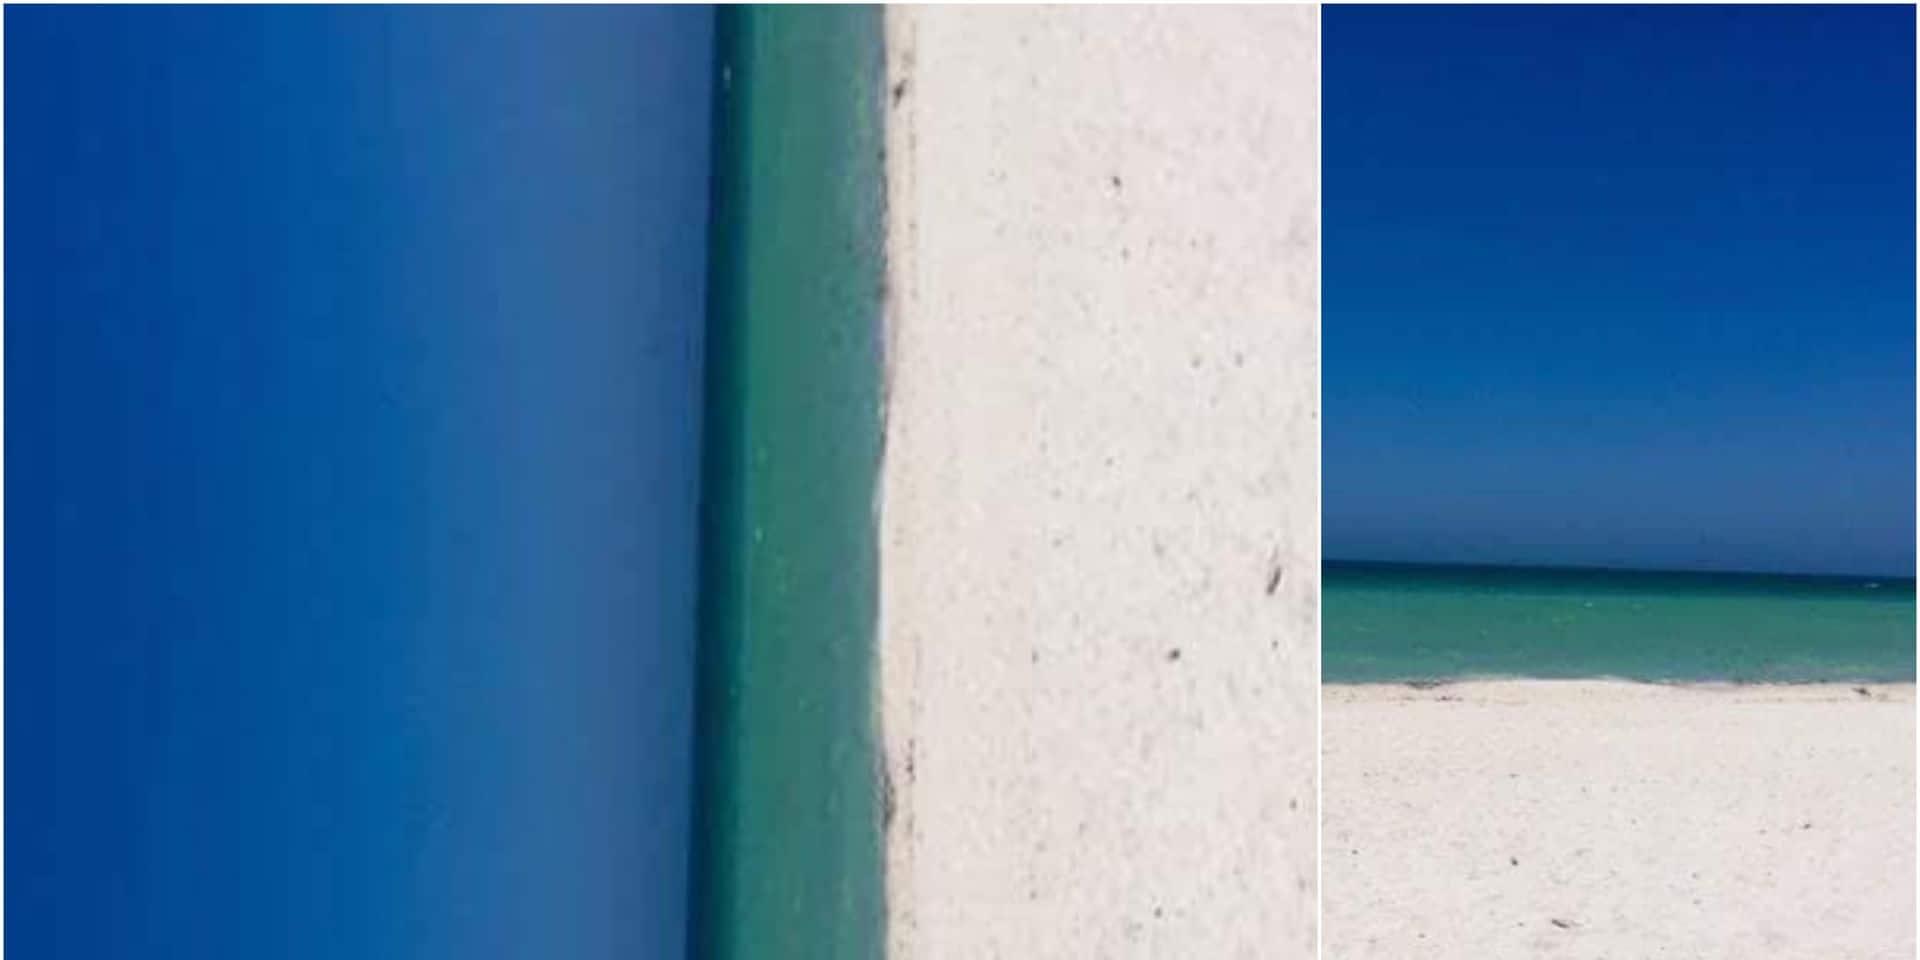 Voyez-vous une plage ou une porte ? Un débat fait rage sur Twitter sur cette illusion d'optique